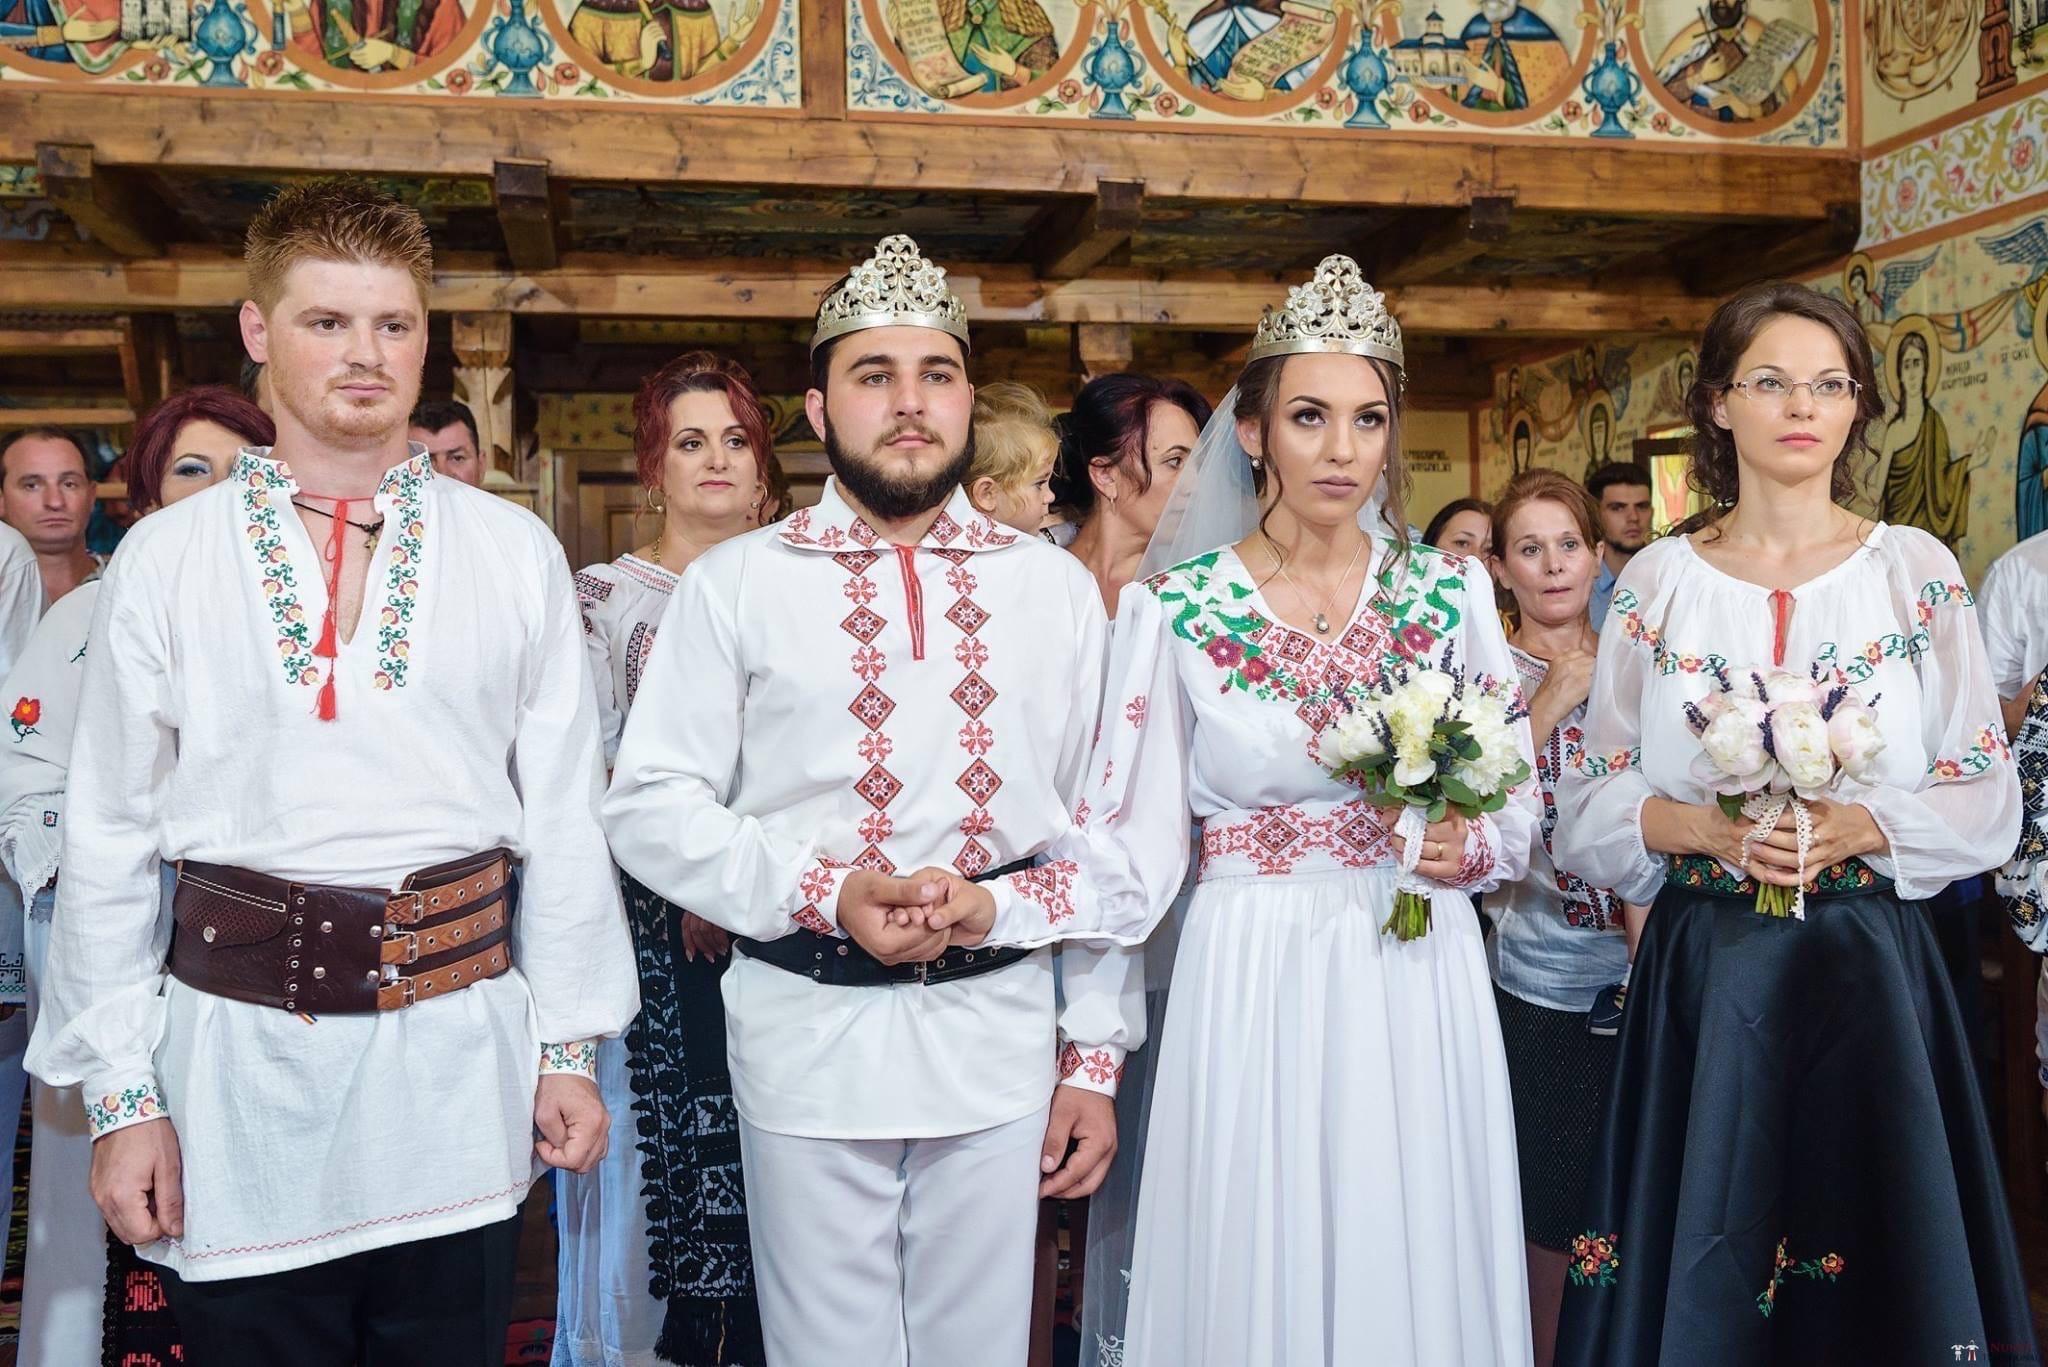 Povești Nunți Tradiționale - Daniela și Cristian, nuntă tradițională în Slobozia, Giurgiu 42